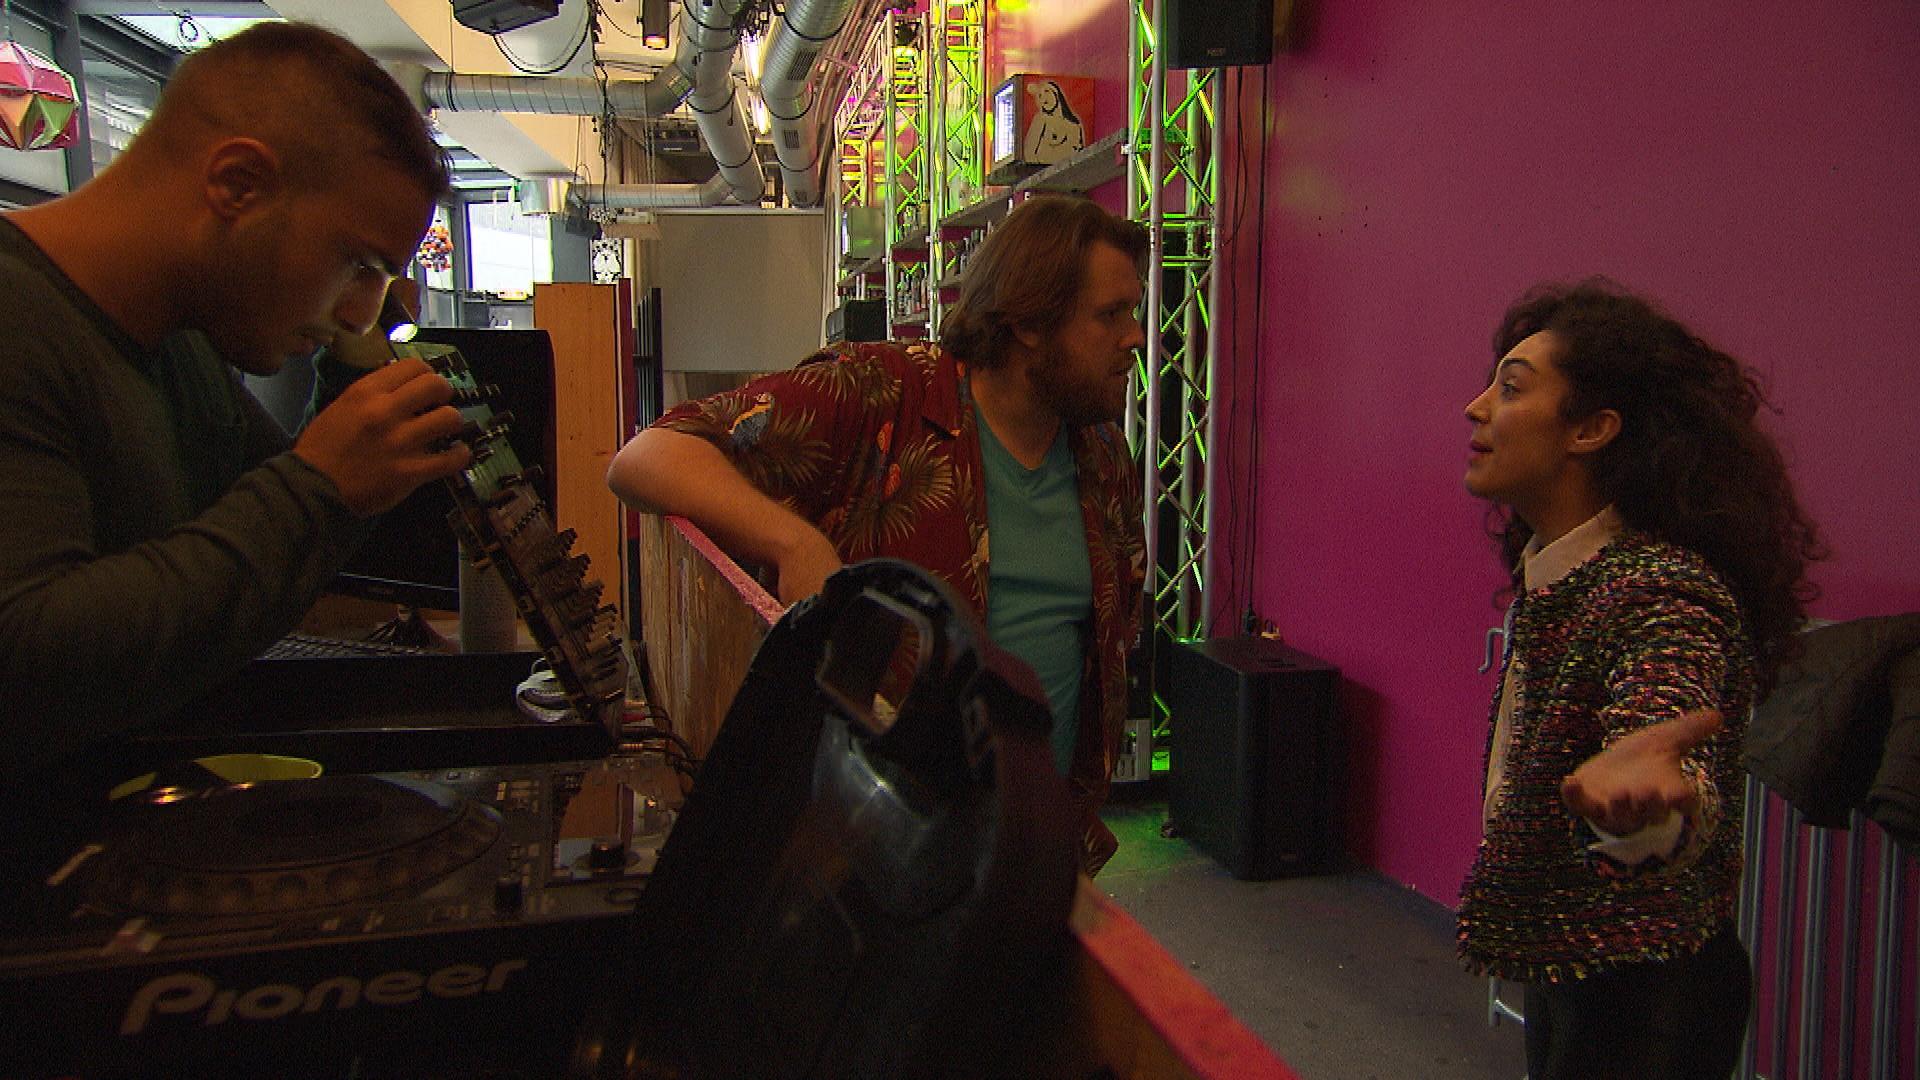 Jan stellt frustriert fest, dass das Mischpult in der Kunstbar kaputt ist. Er gerät mit Joleen deswegen heftig aneinander und sucht krampfhaft nach einer Lösung. (Quelle: RTL 2)